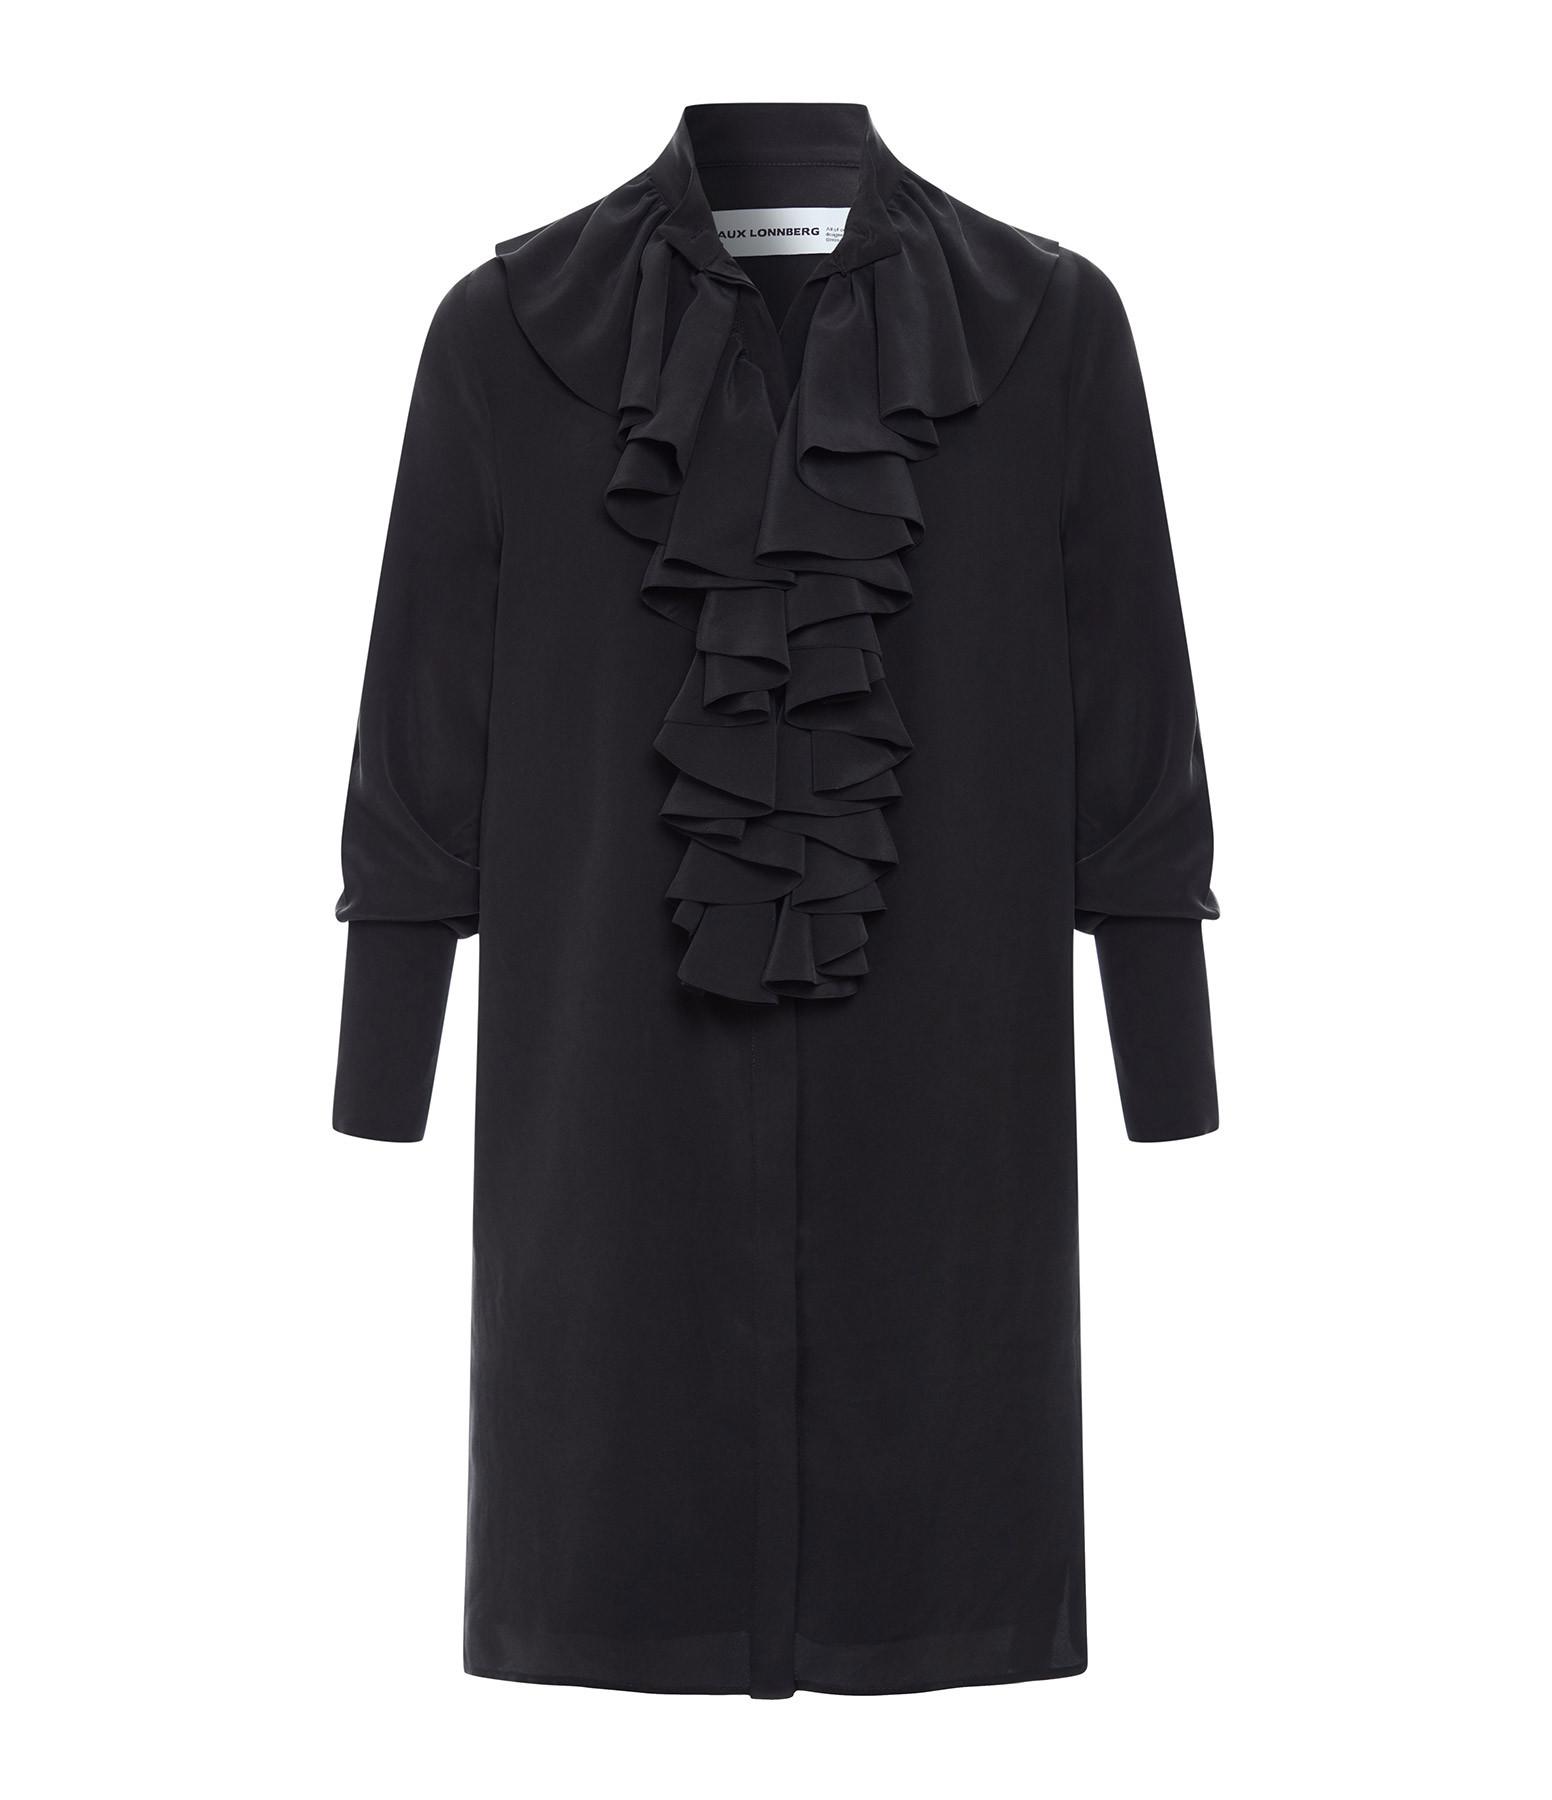 MARGAUX LONNBERG - Robe Dakota Noir